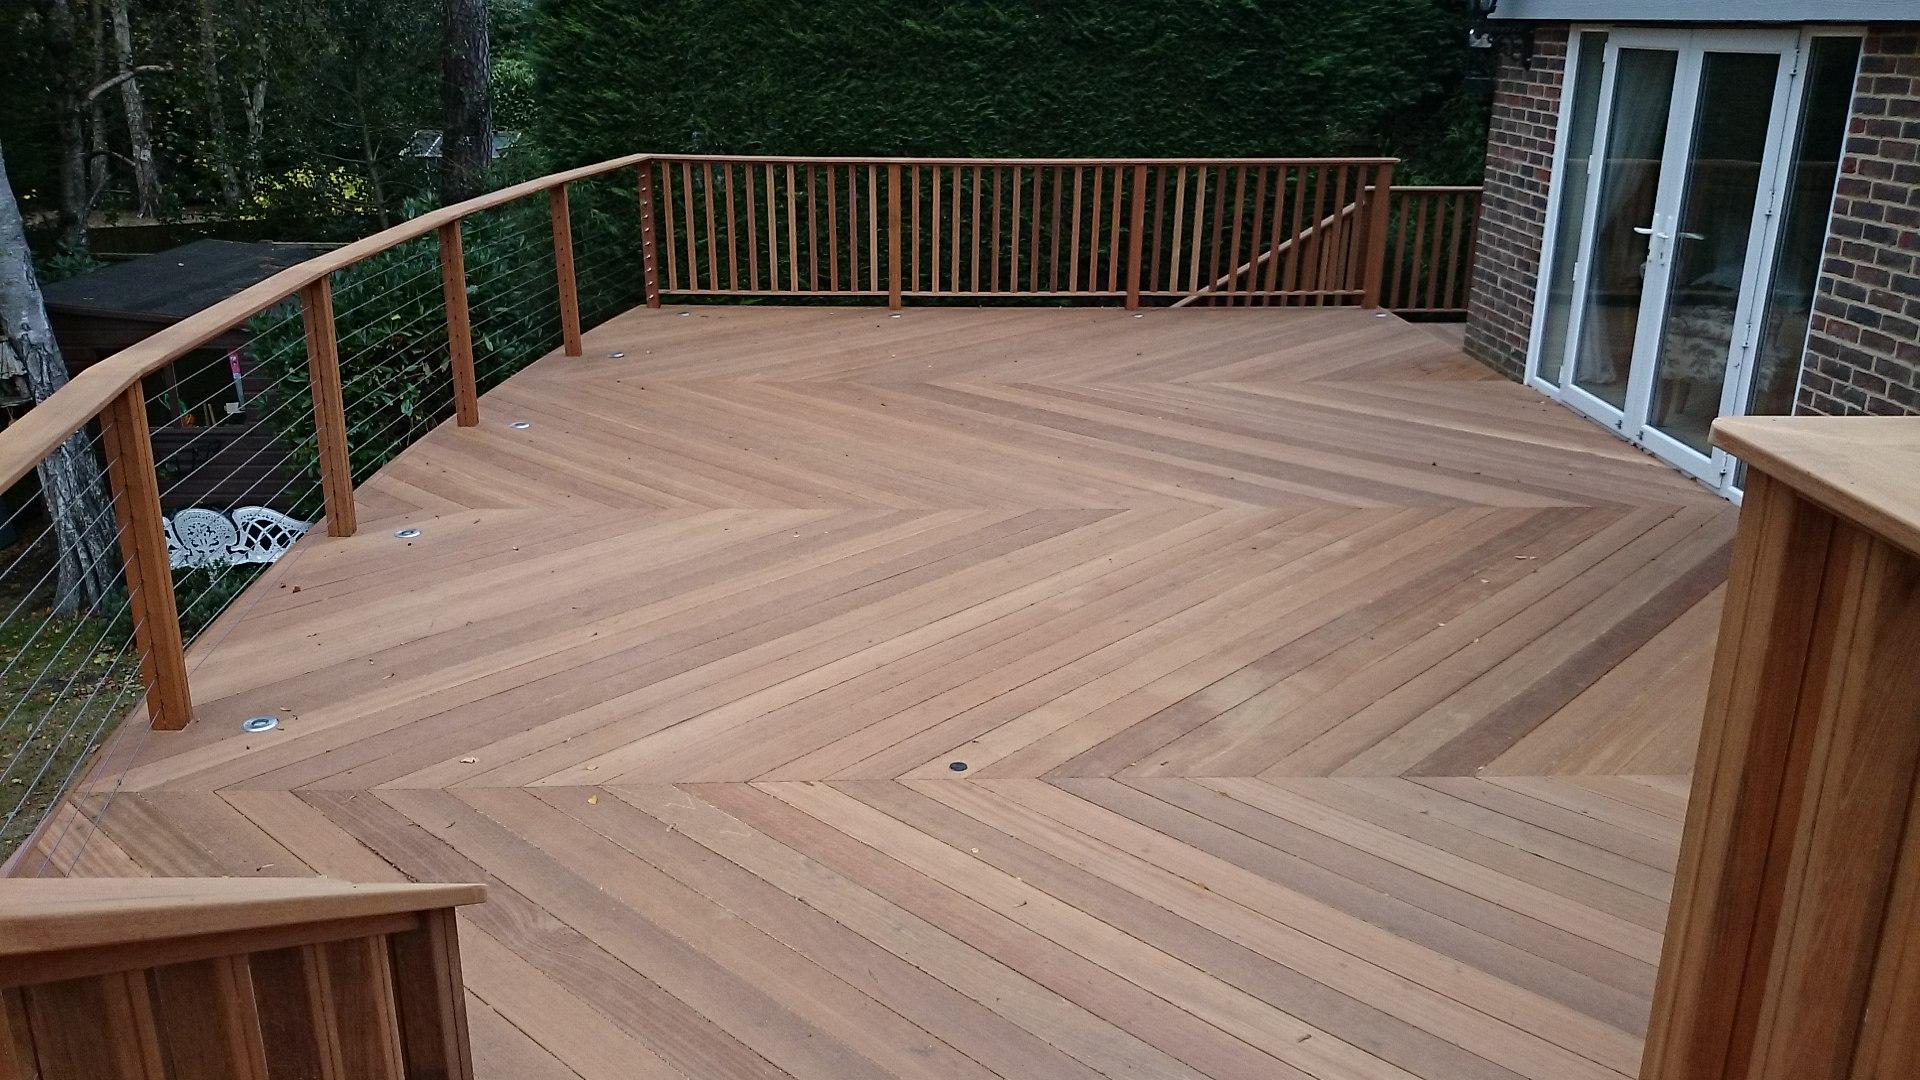 hardwood decking yellow balau 21 x 145mm smooth 2 sides - southgate timber   SRRUXER